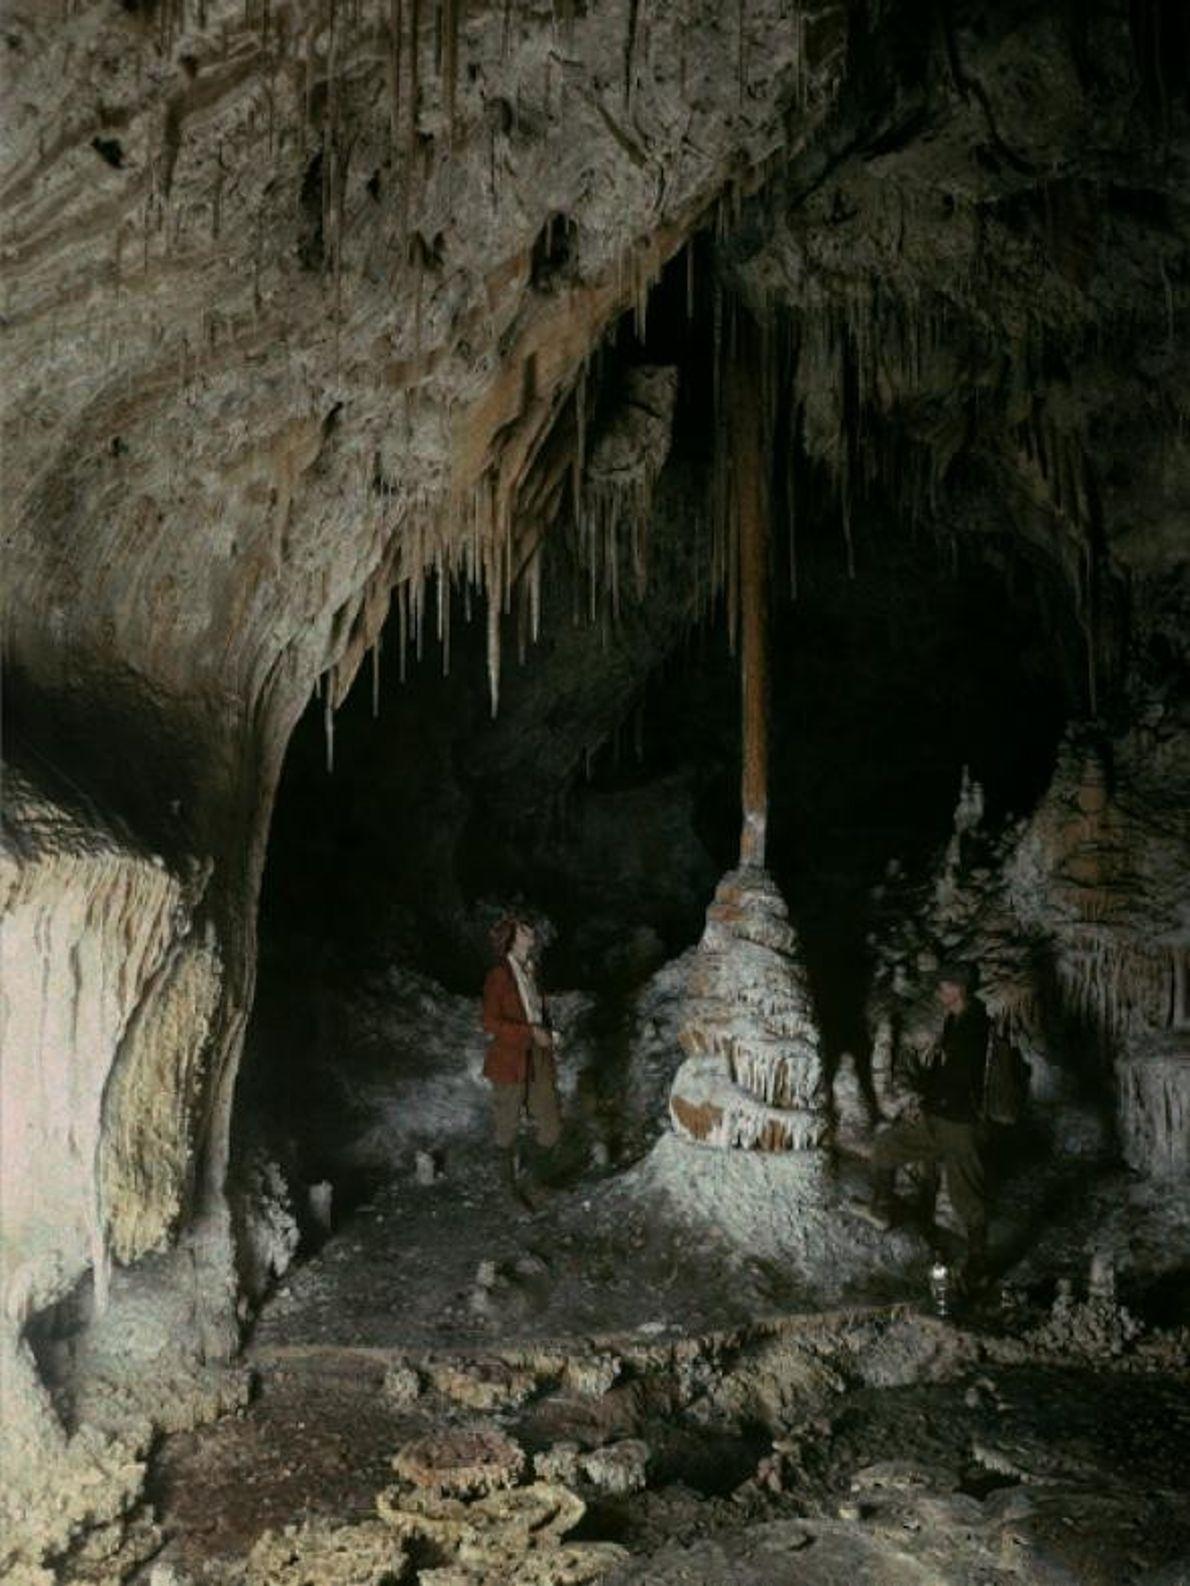 Sala da cúpula na Caverna de Carlsbad no Novo México